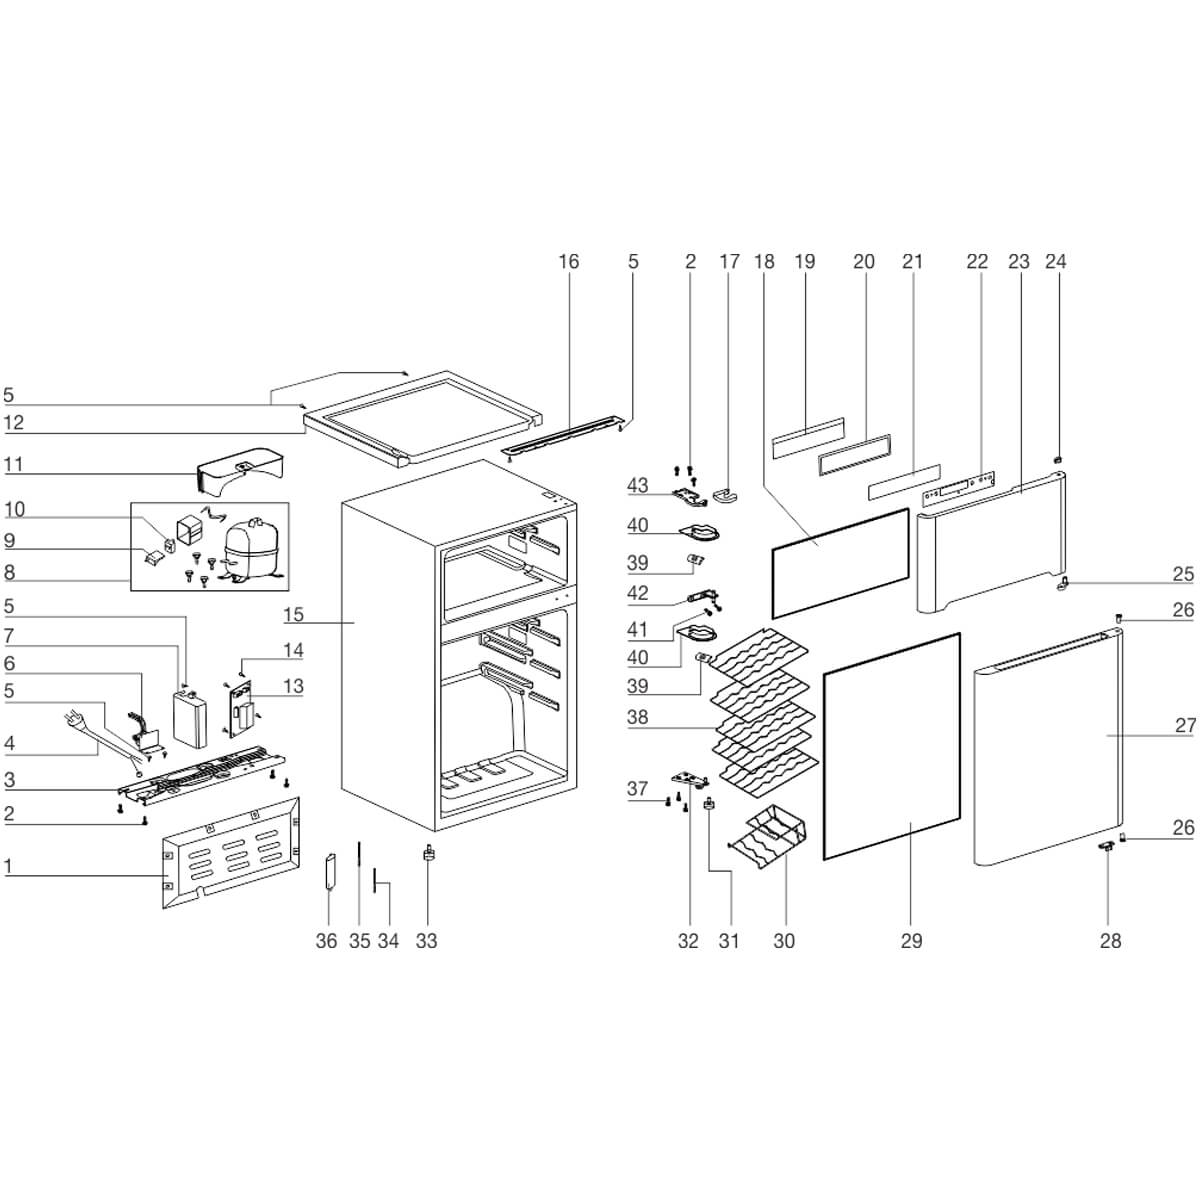 Gaxeta Porta Superior Da Adega Electrolux ACD29 - 501108860001